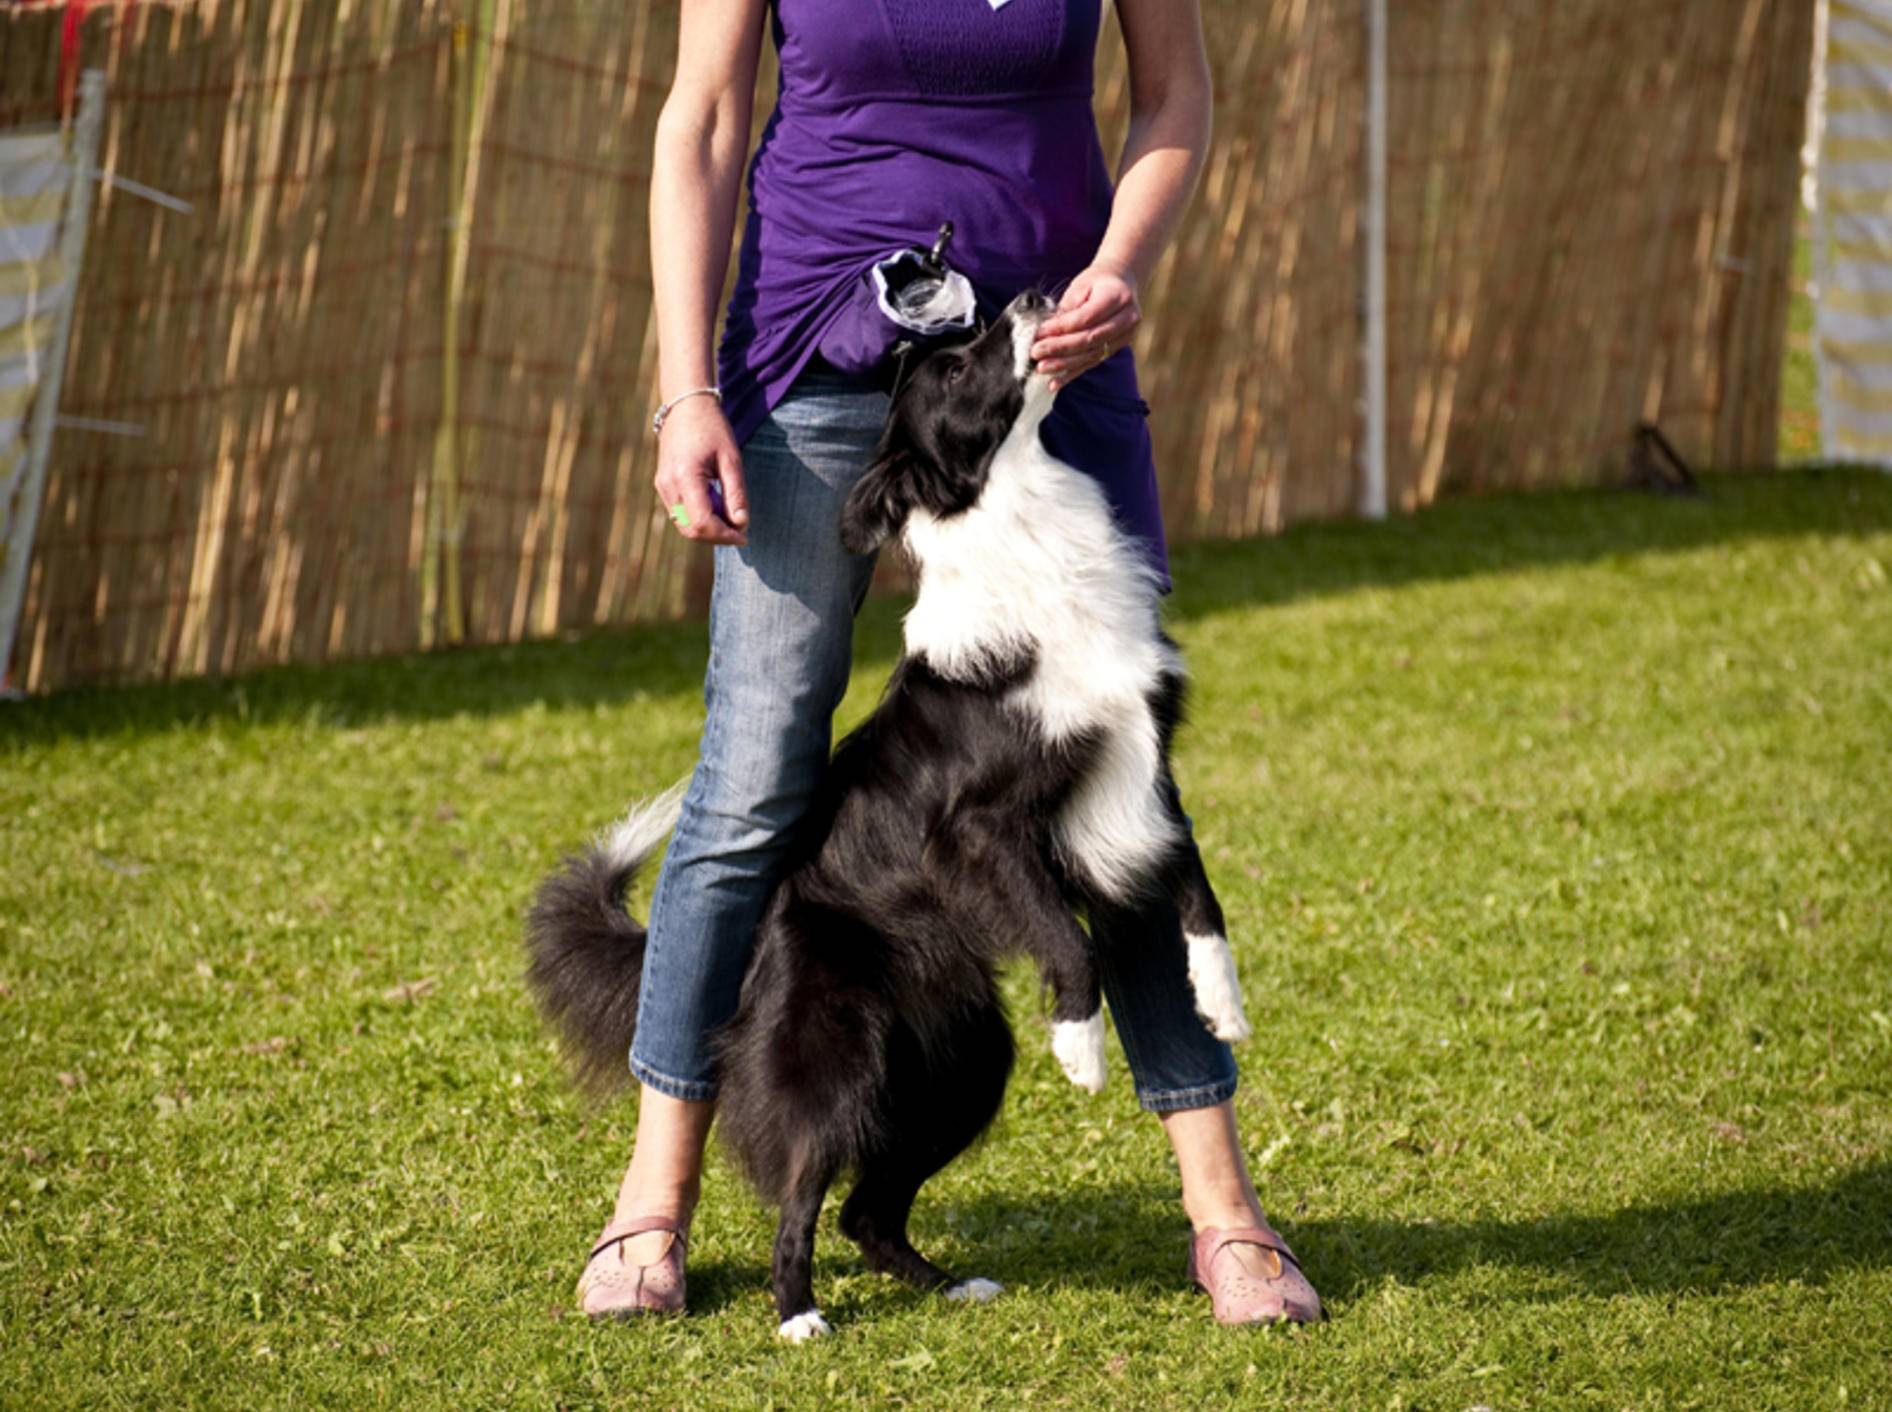 Dog Dancing ist eine Trainingsmethode für Hund und Mensch – Bild: Shutterstock / bluecrayola